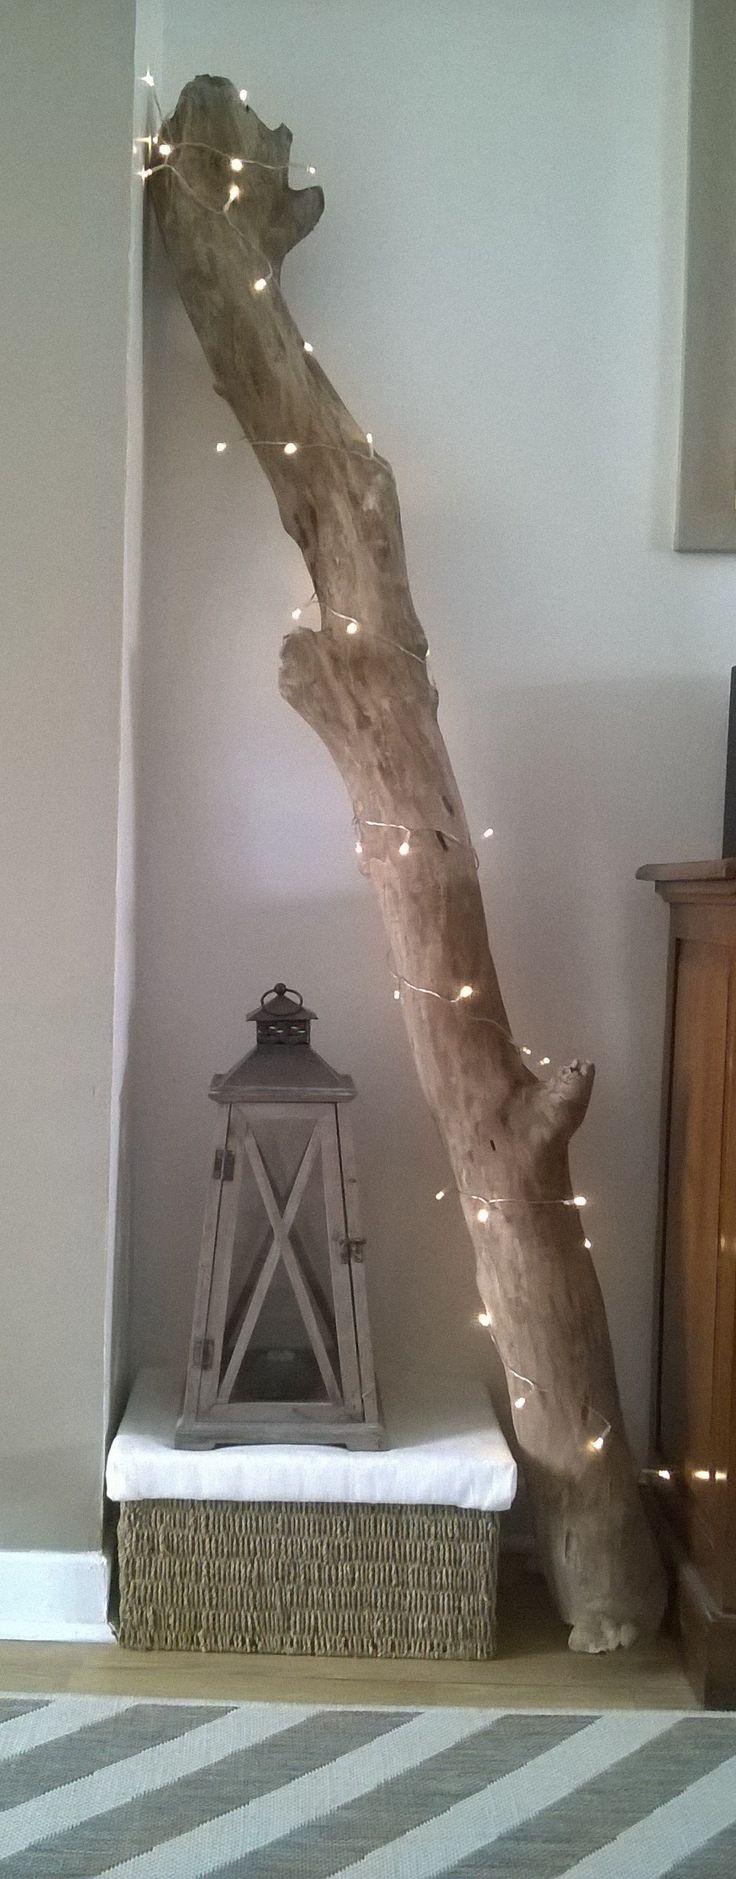 branche de bois flotte trouvee sur une plage toute proche guirlande lumineuse et lanterne pour